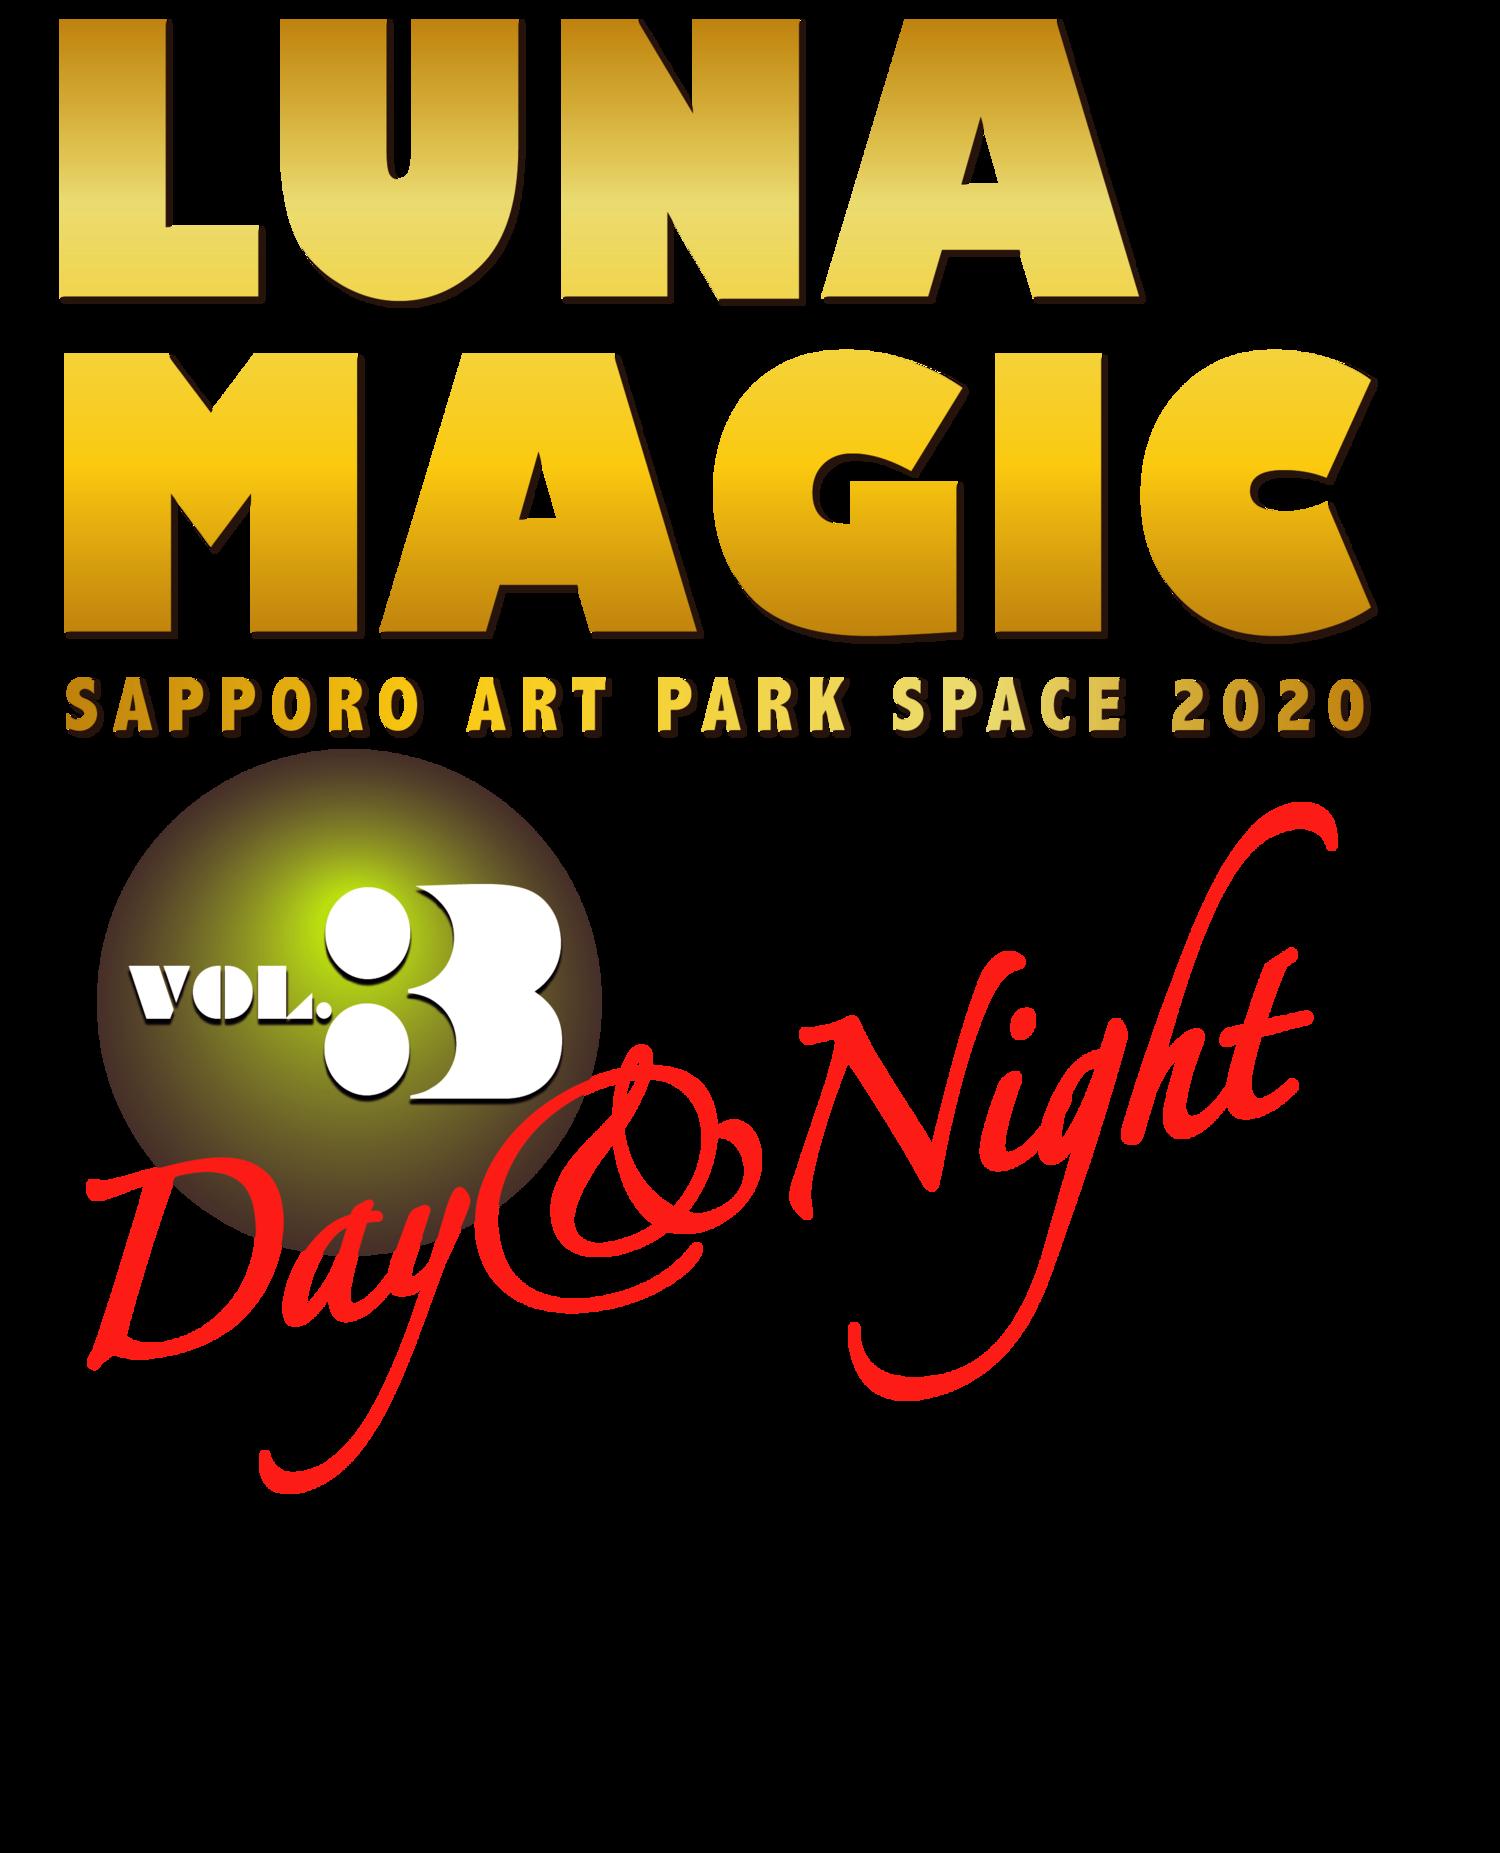 LUNA MAGIC 2020